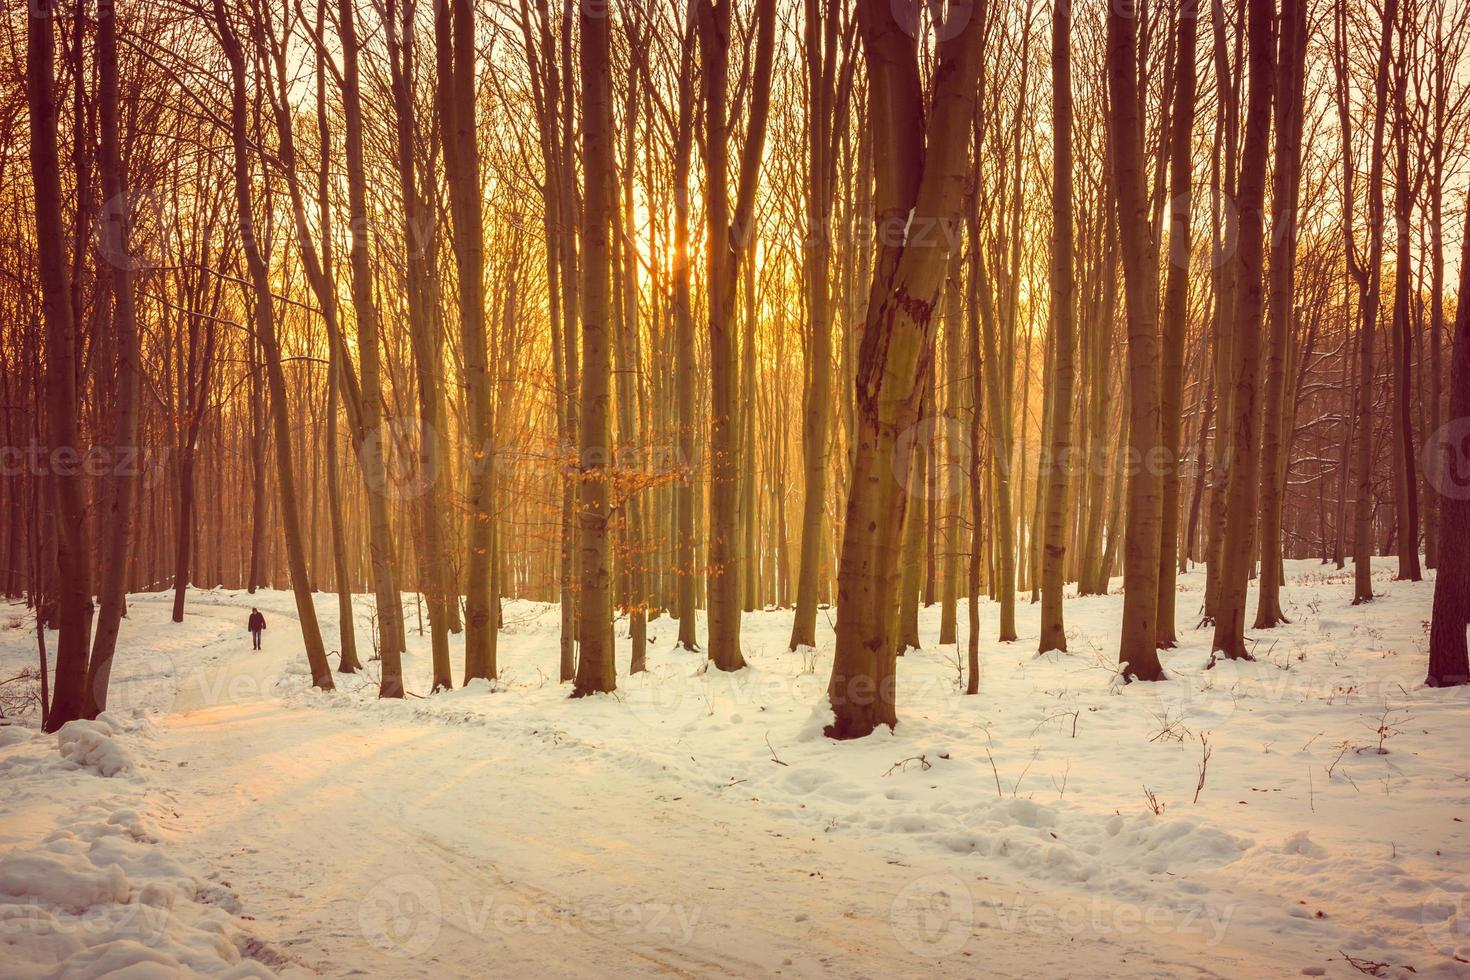 estrada florestal foto